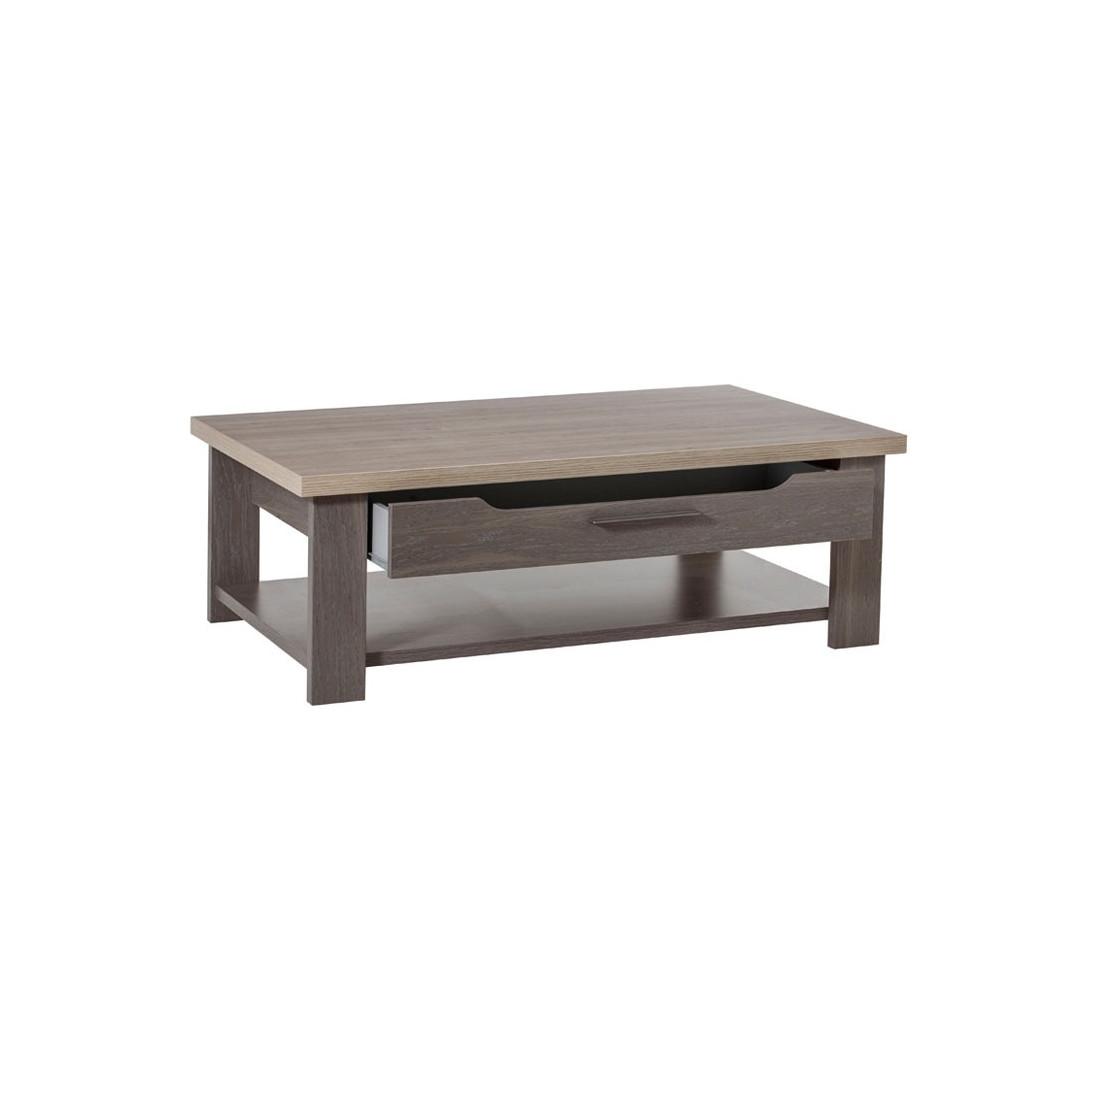 table basse 1 tiroir ch ne c rus pompei univers du salon. Black Bedroom Furniture Sets. Home Design Ideas